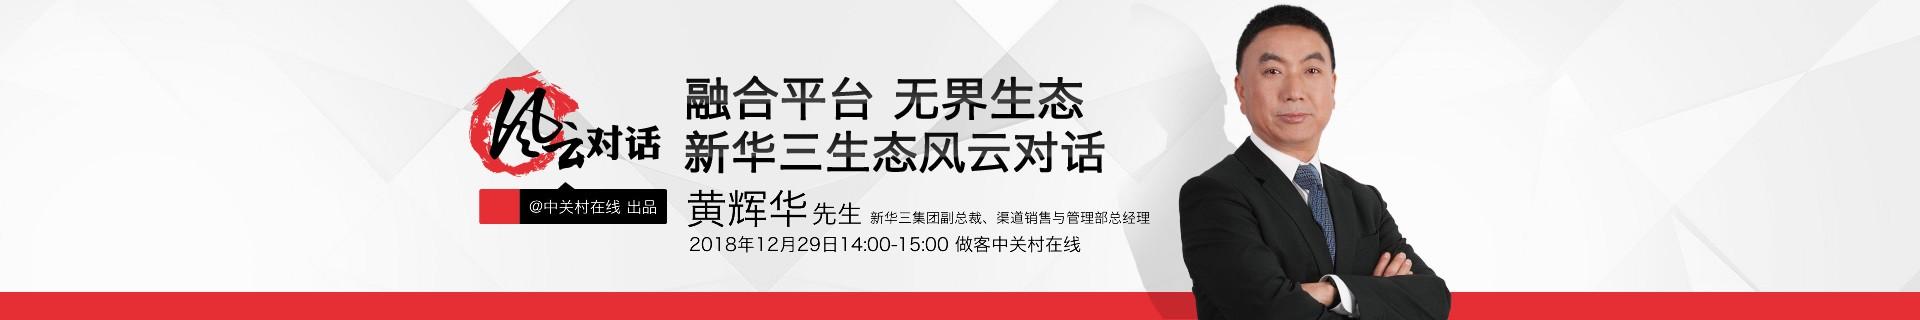 融合平台 无界生态 2018新华三生态风云对话